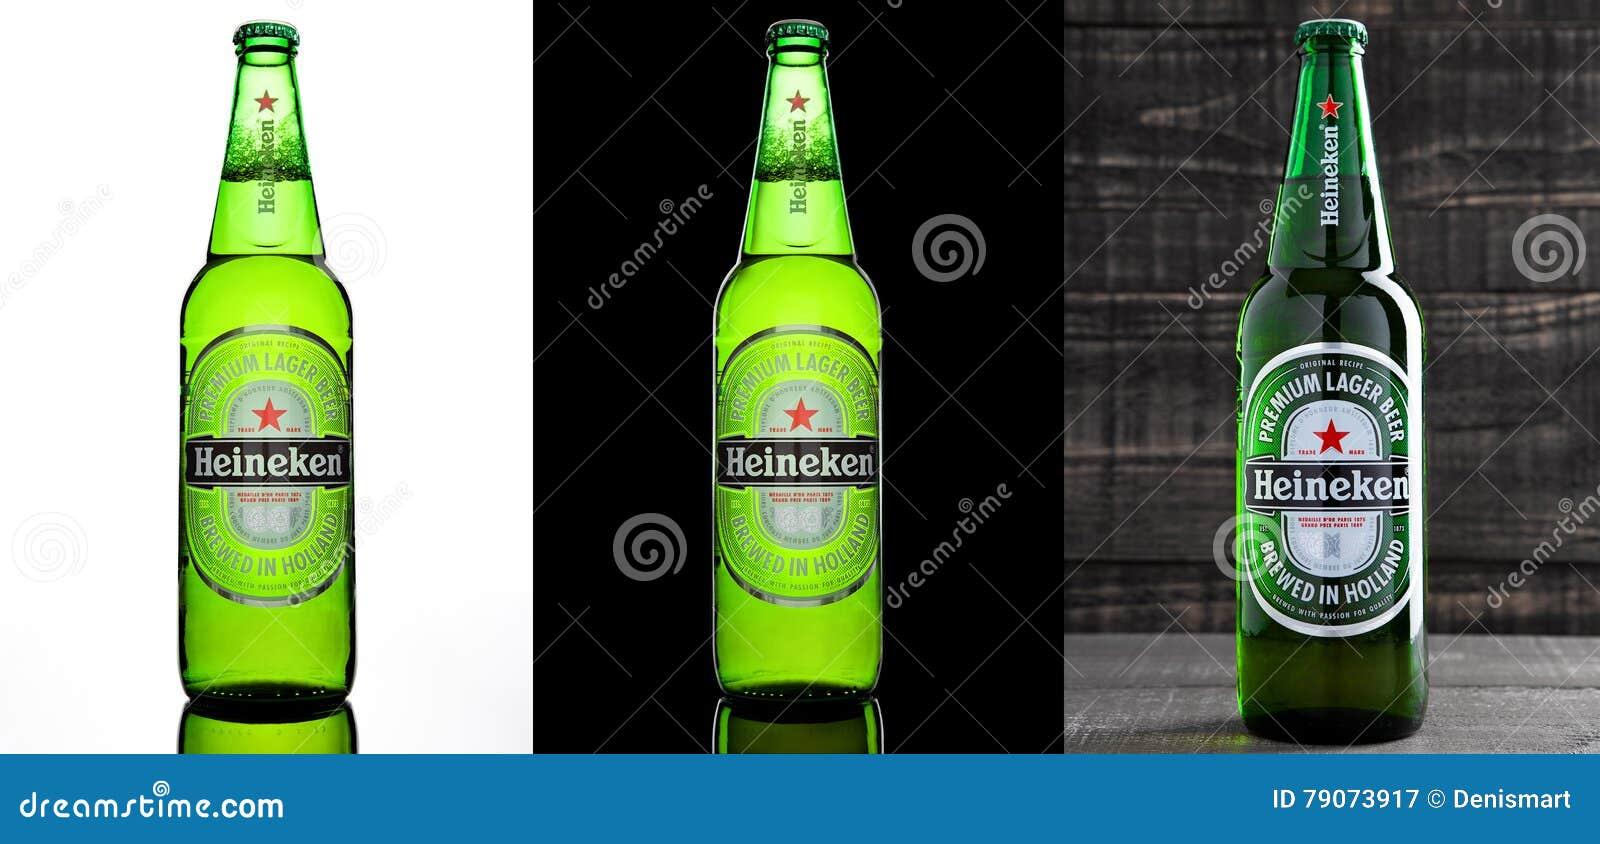 LONDRES, REINO UNIDO - 17 DE OCTUBRE DE 2016: Botella de Heineken Lager Beer en tres diversos fondos Heineken es el productor est